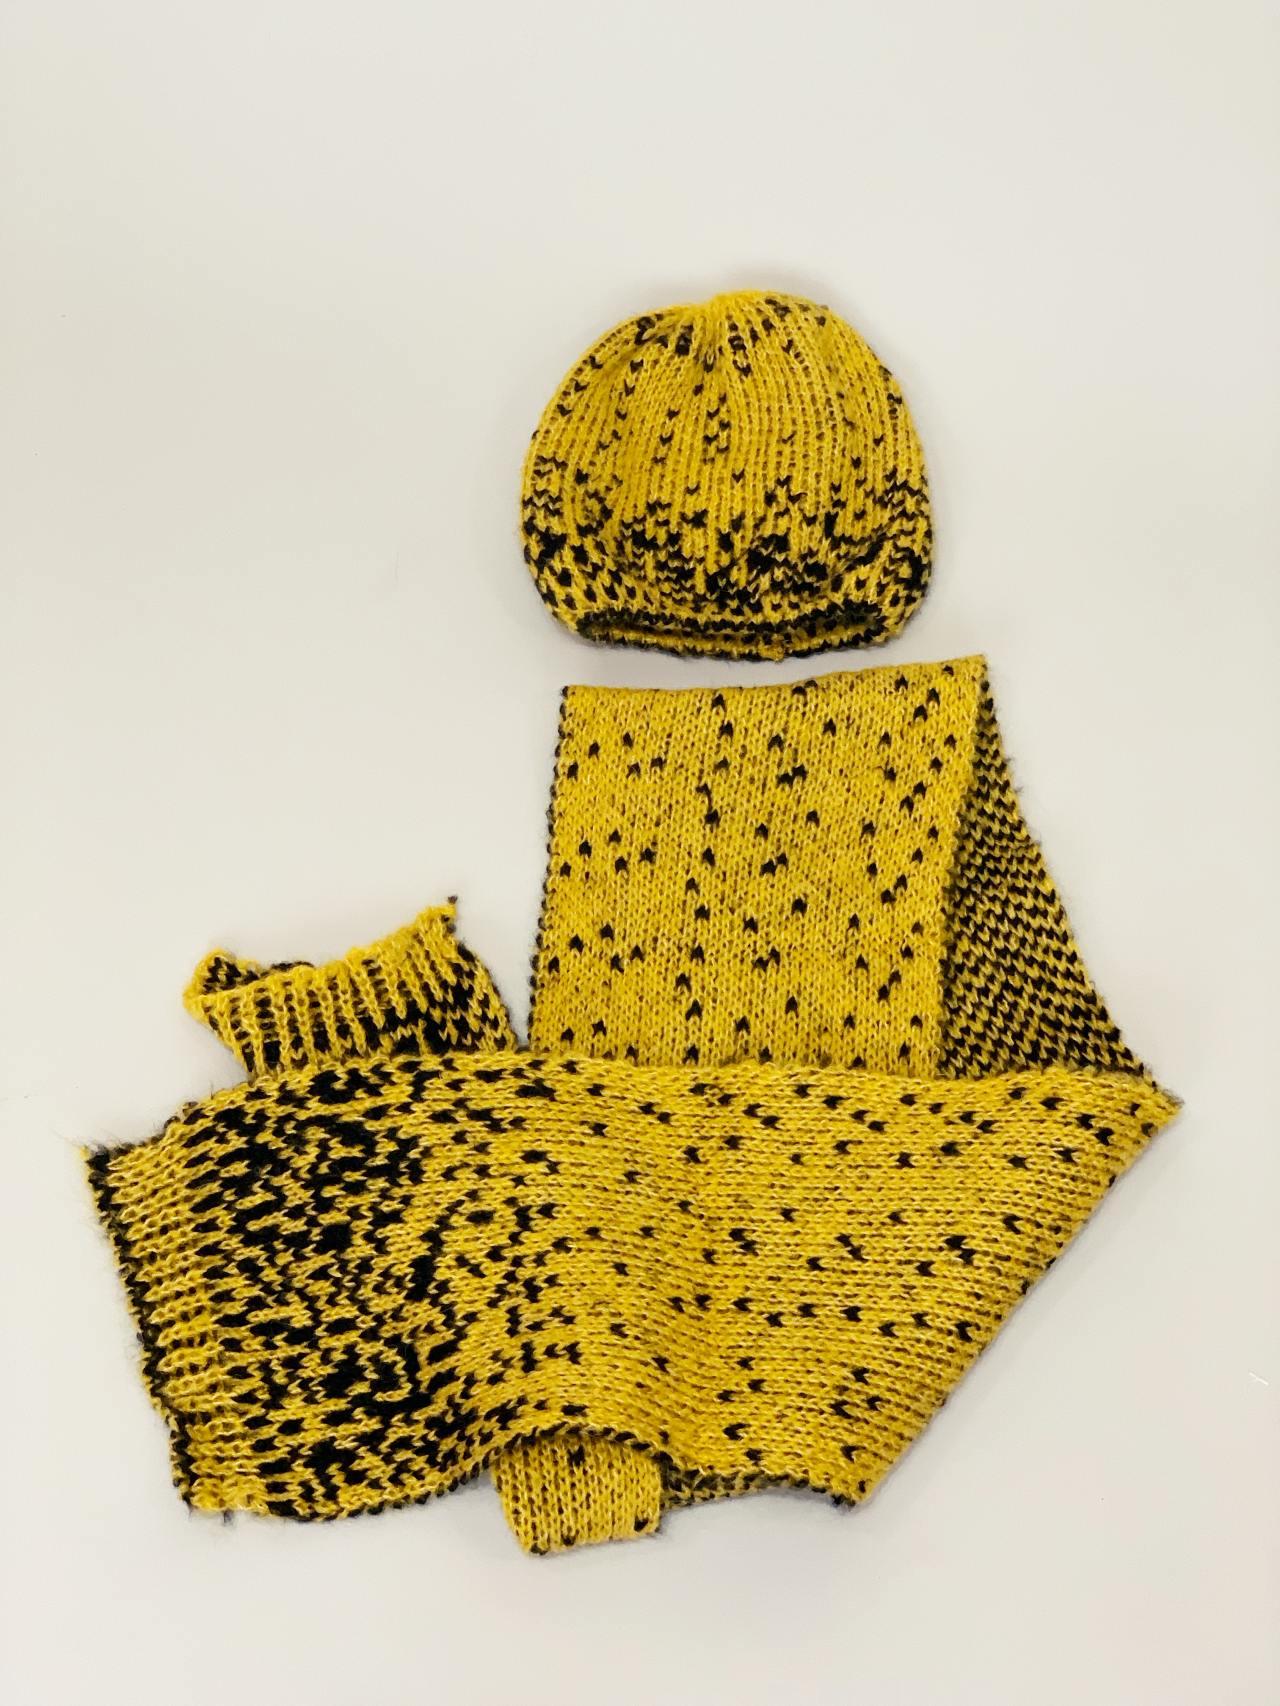 Komplet čepice a šála žlutočerný -03